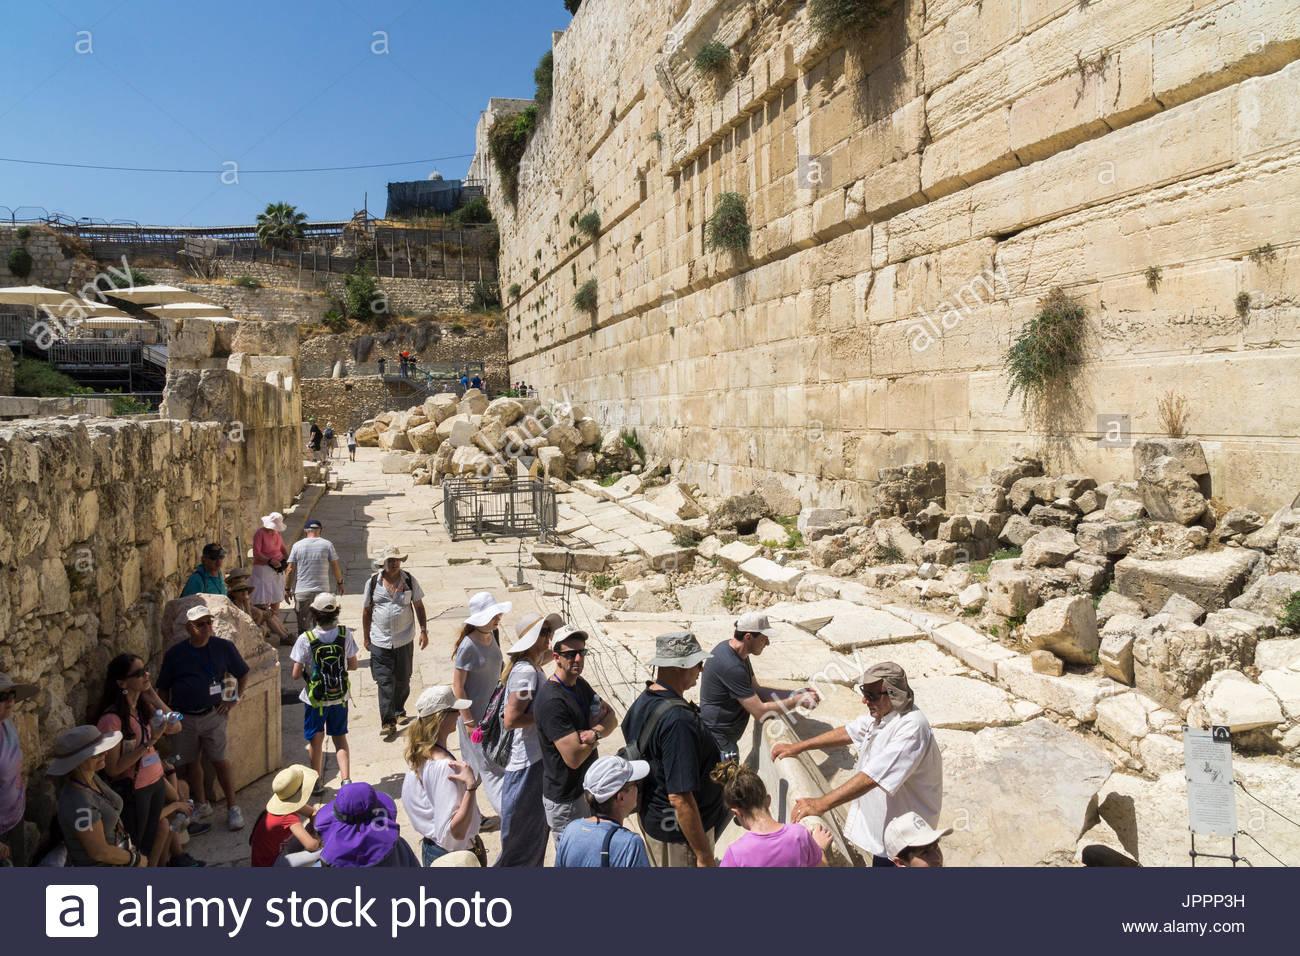 Un groupe de touristes visite le Parc Archéologique de Jérusalem à l'extrémité sud du Mont du Temple à Jérusalem, Israël. Photo Stock